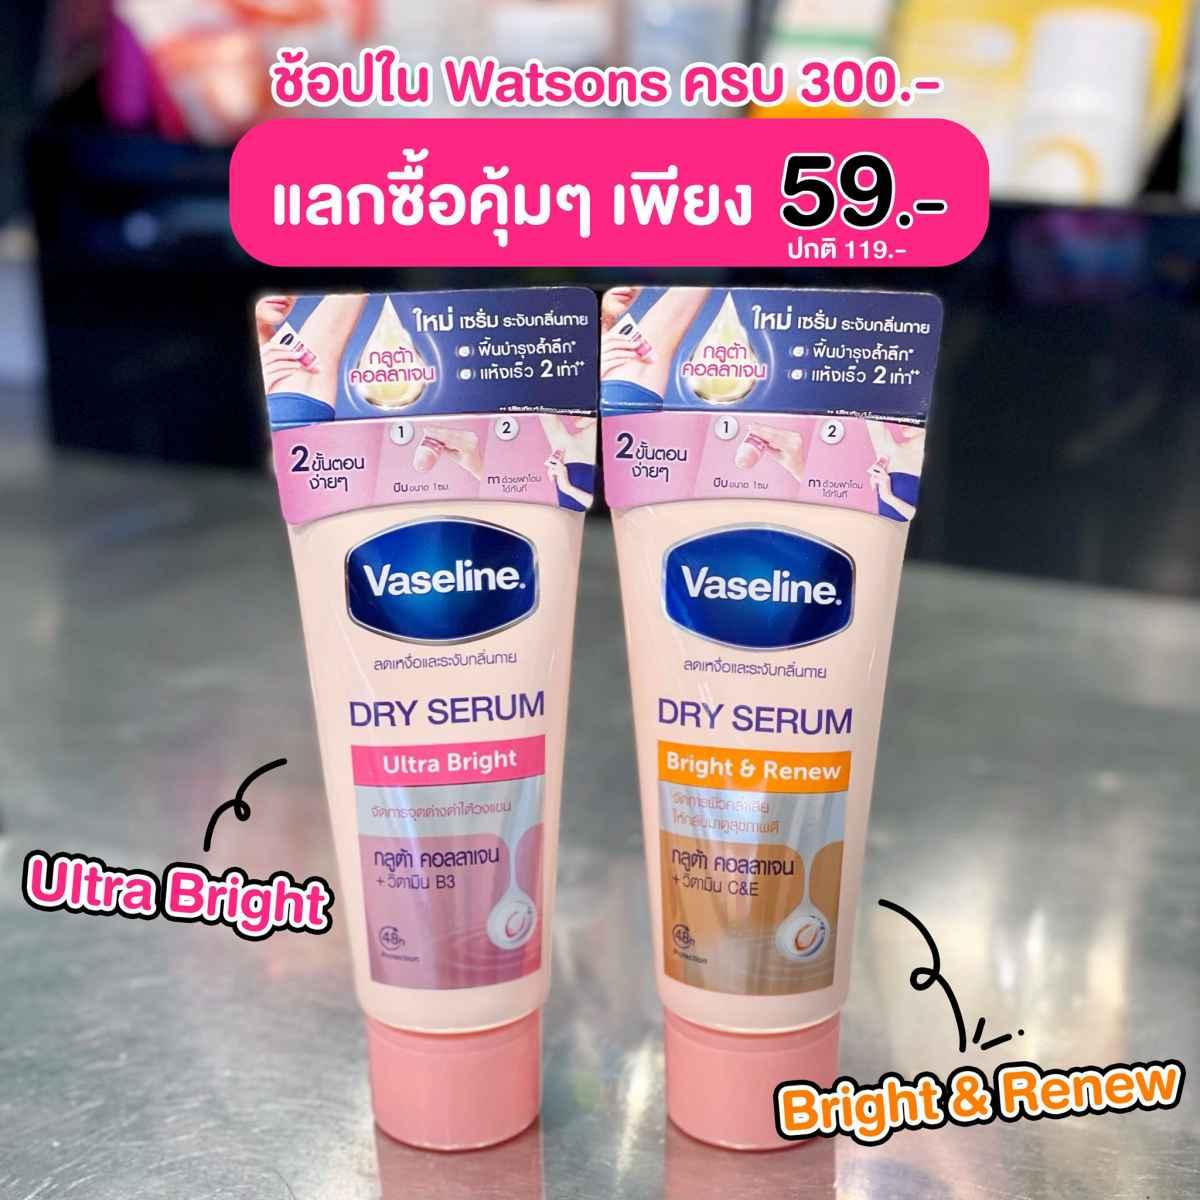 Vaseline Dry Serum